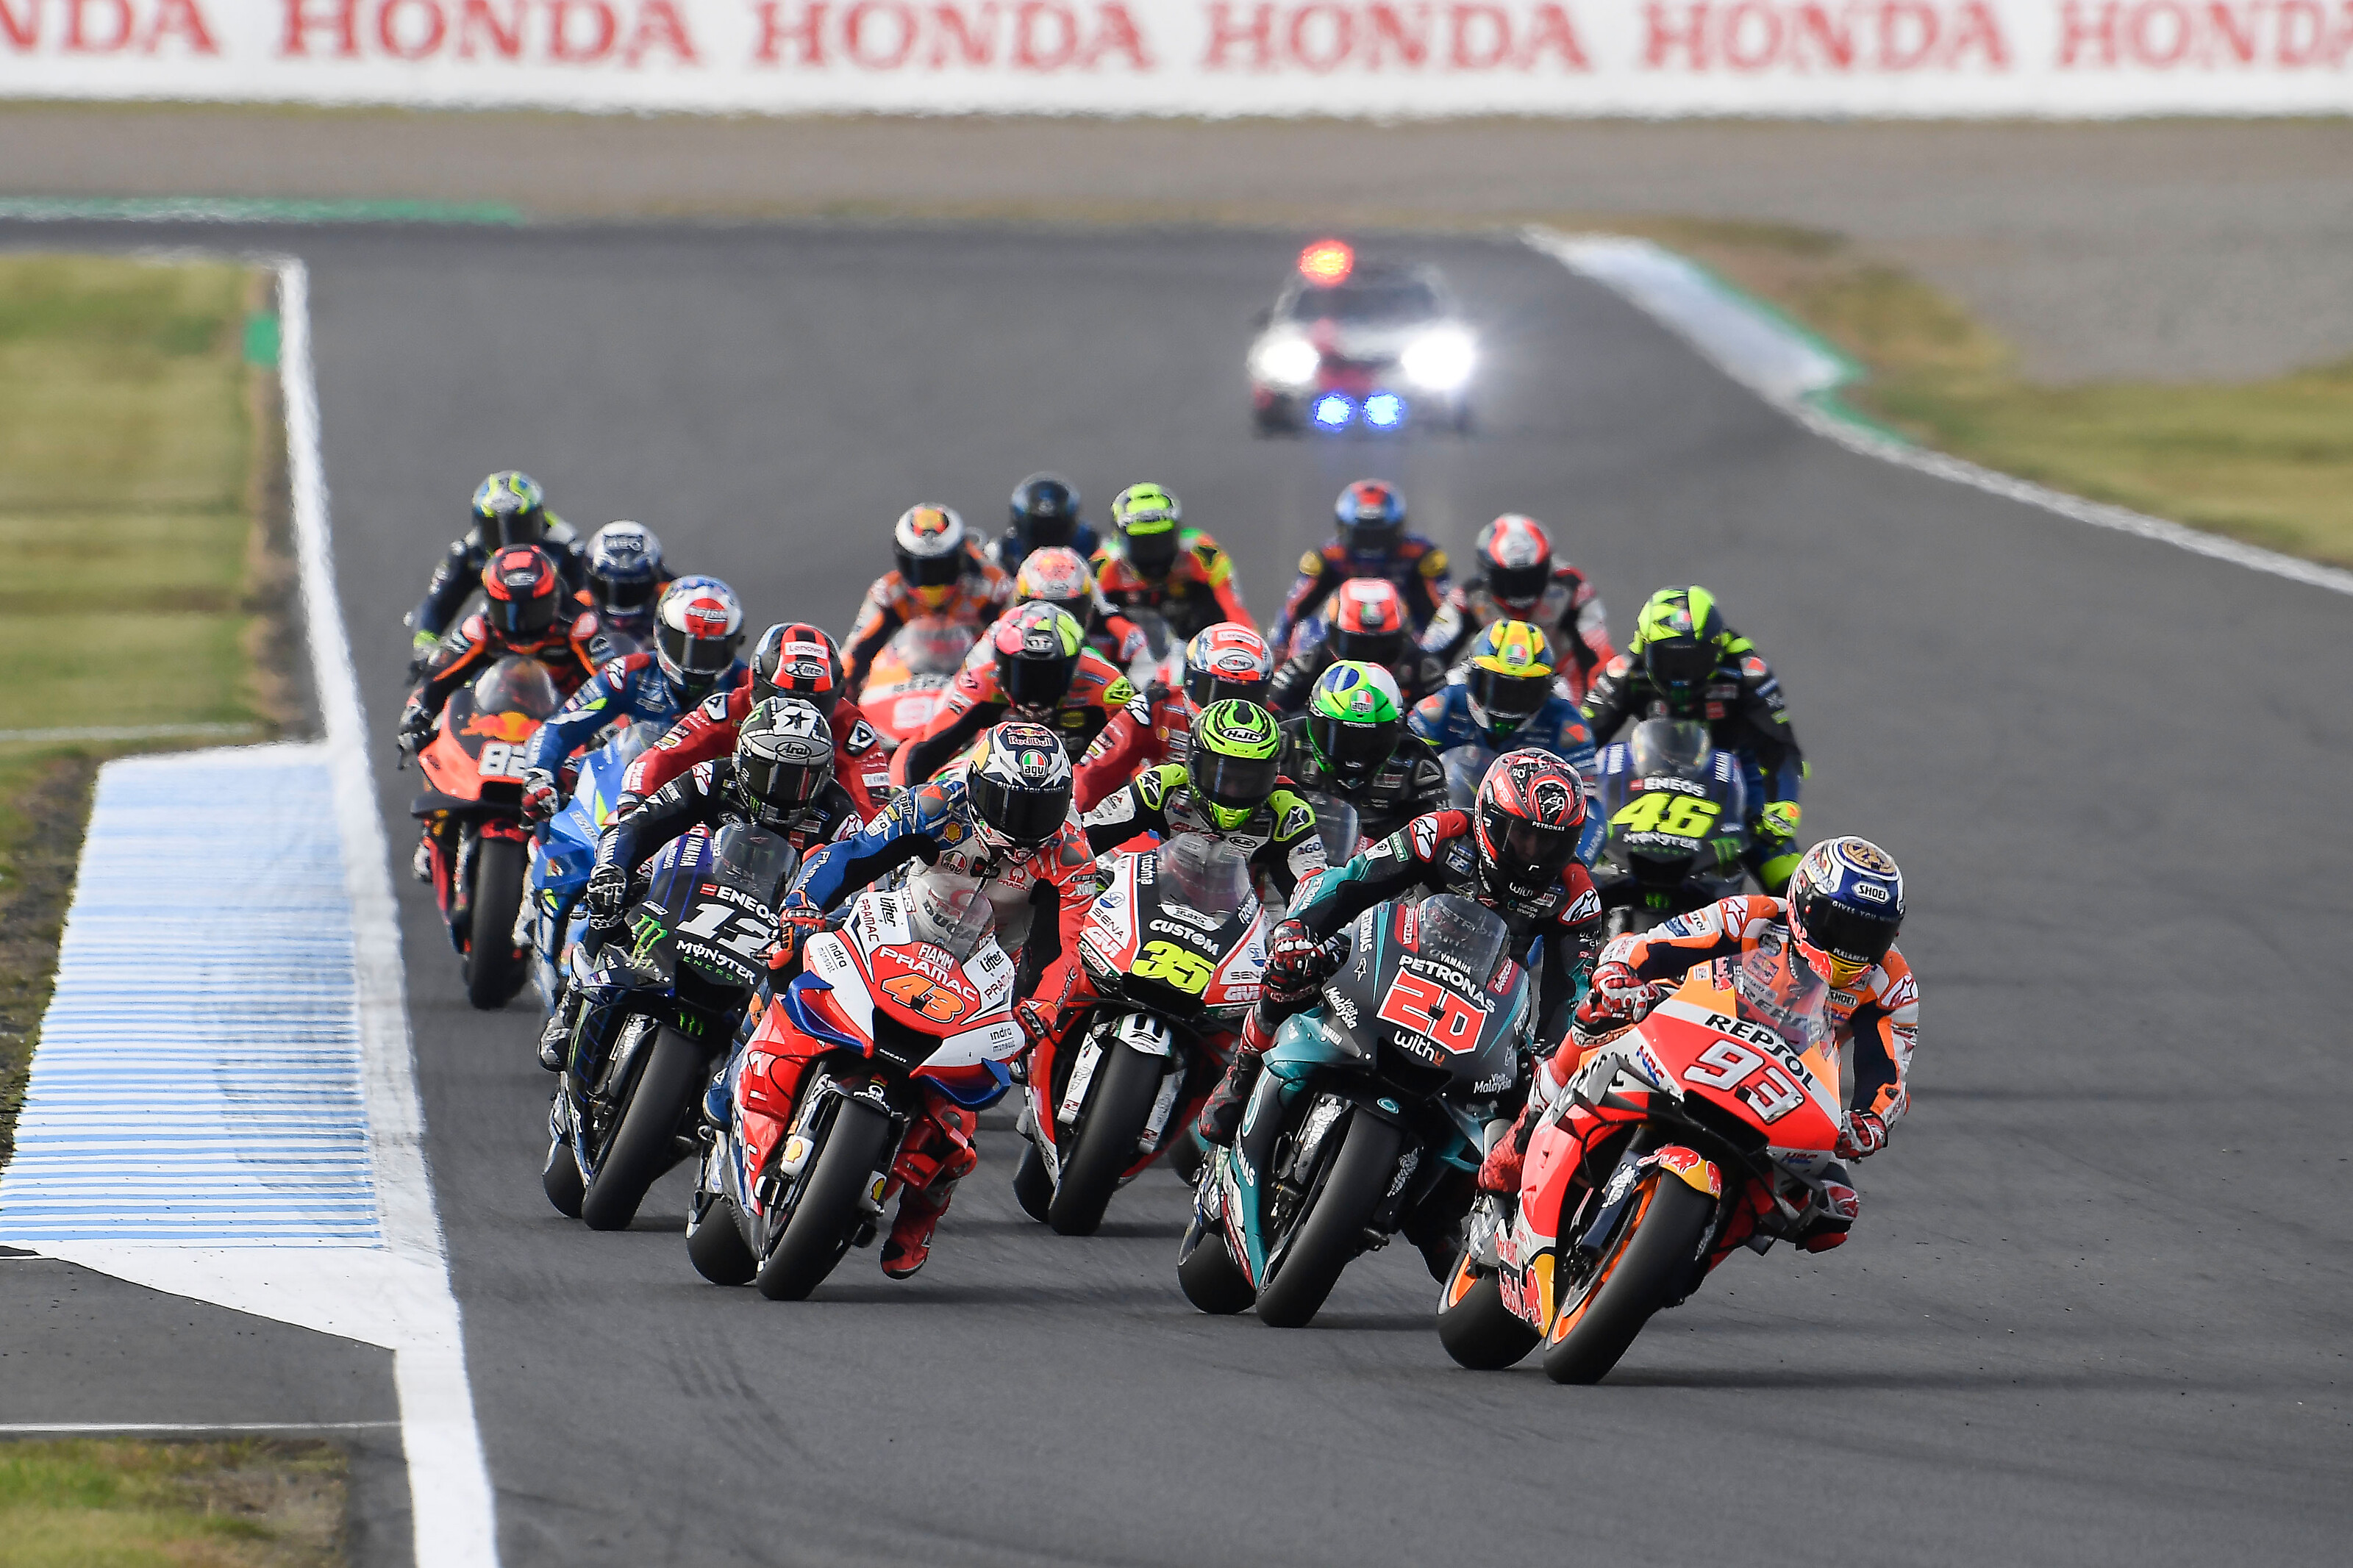 Újabb versenyt fújtak le a MotoGP-ben